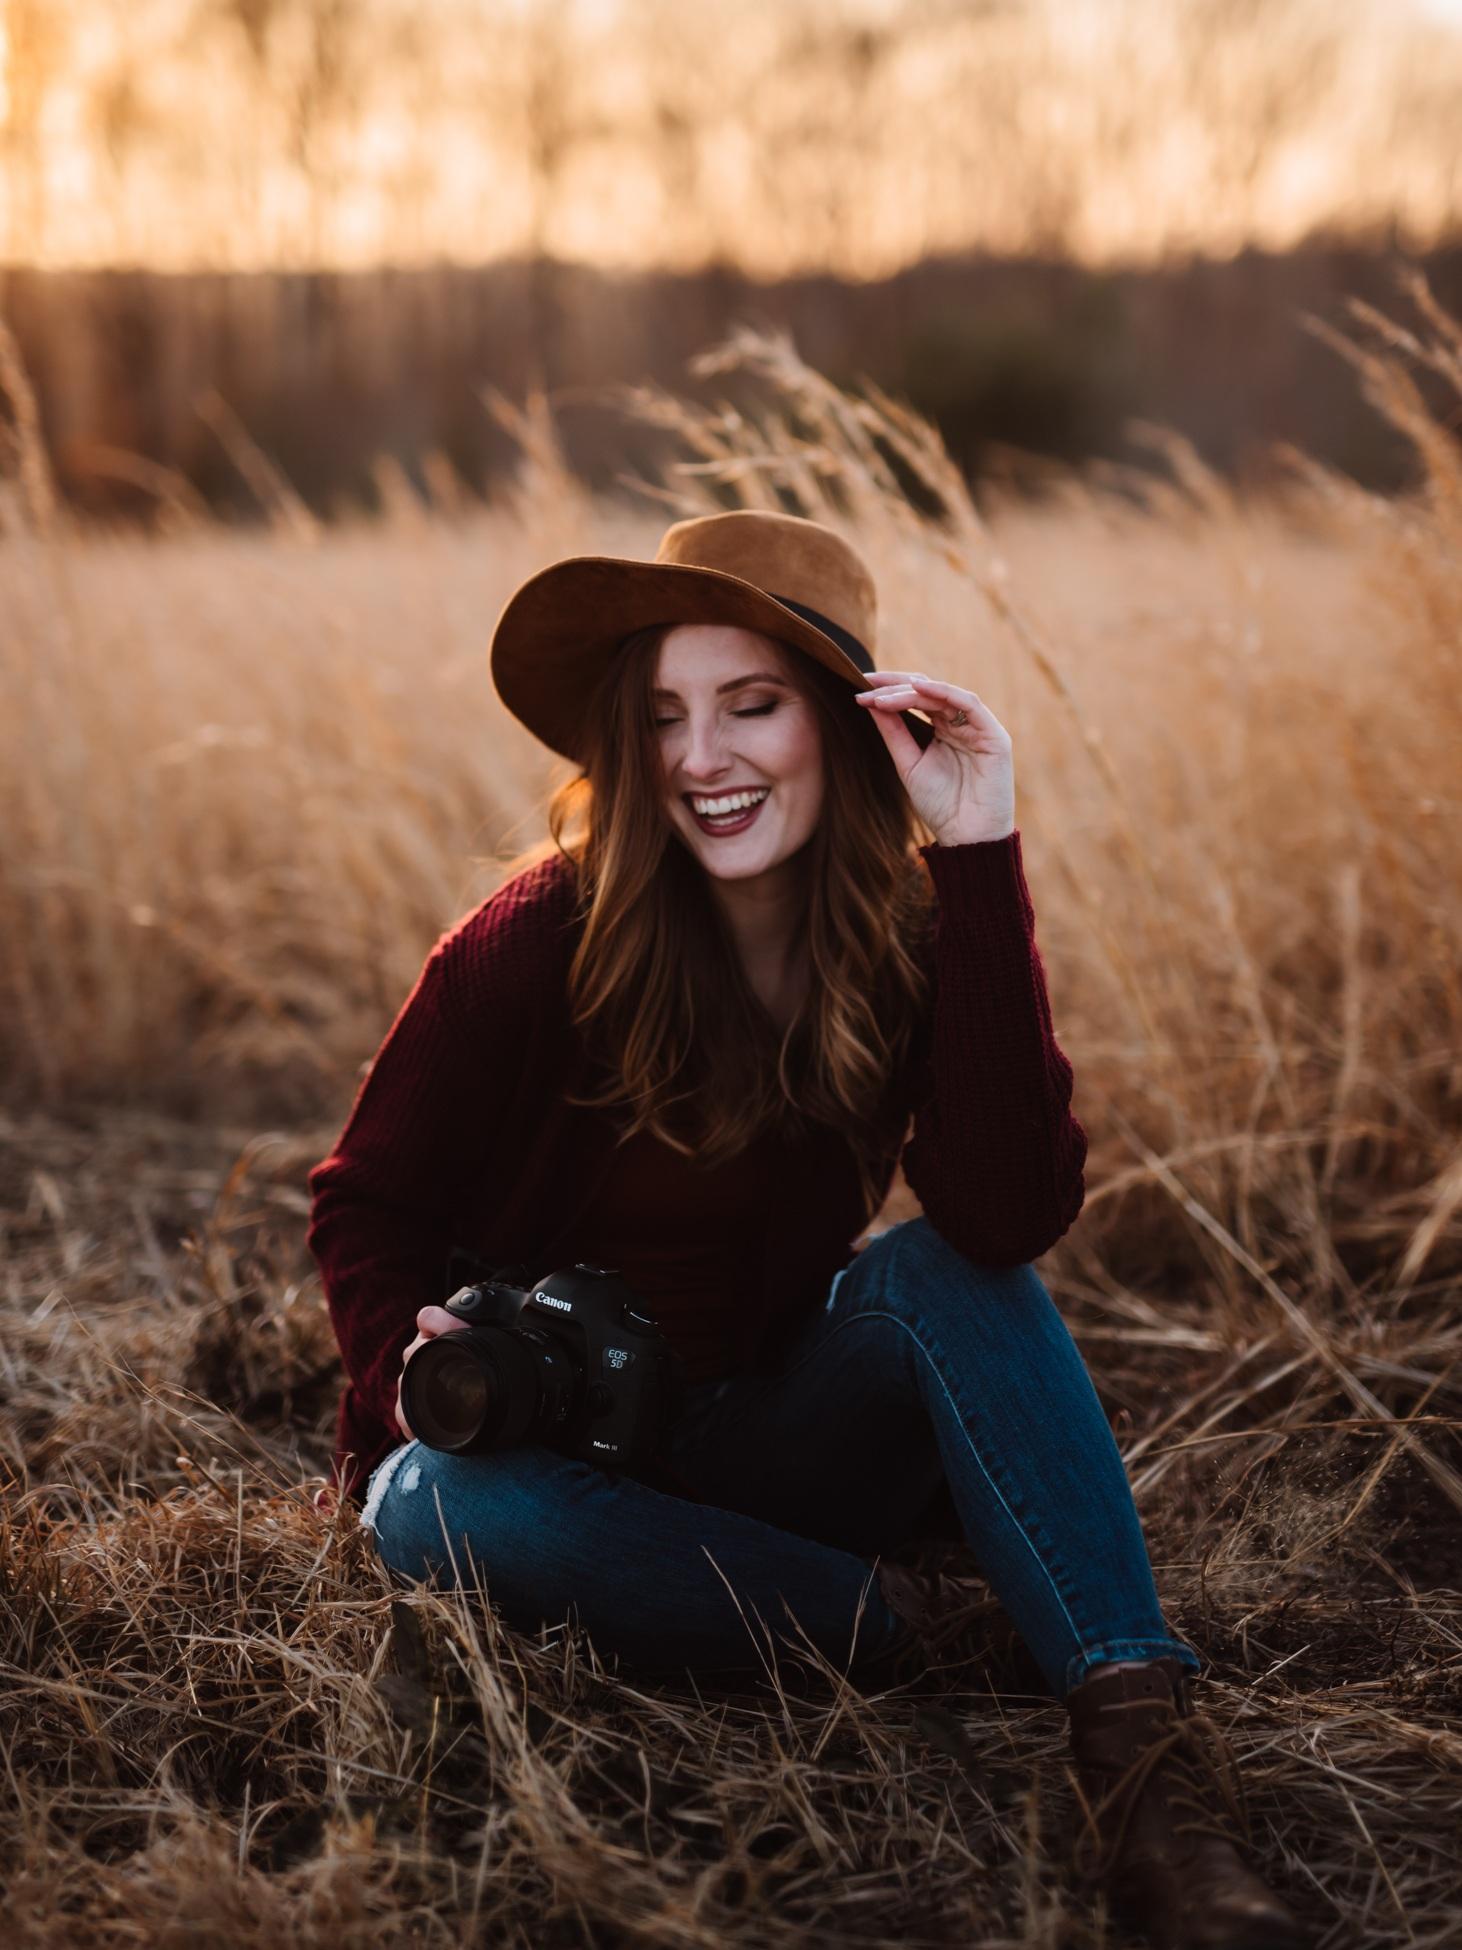 Kayli+LaFon+Photography